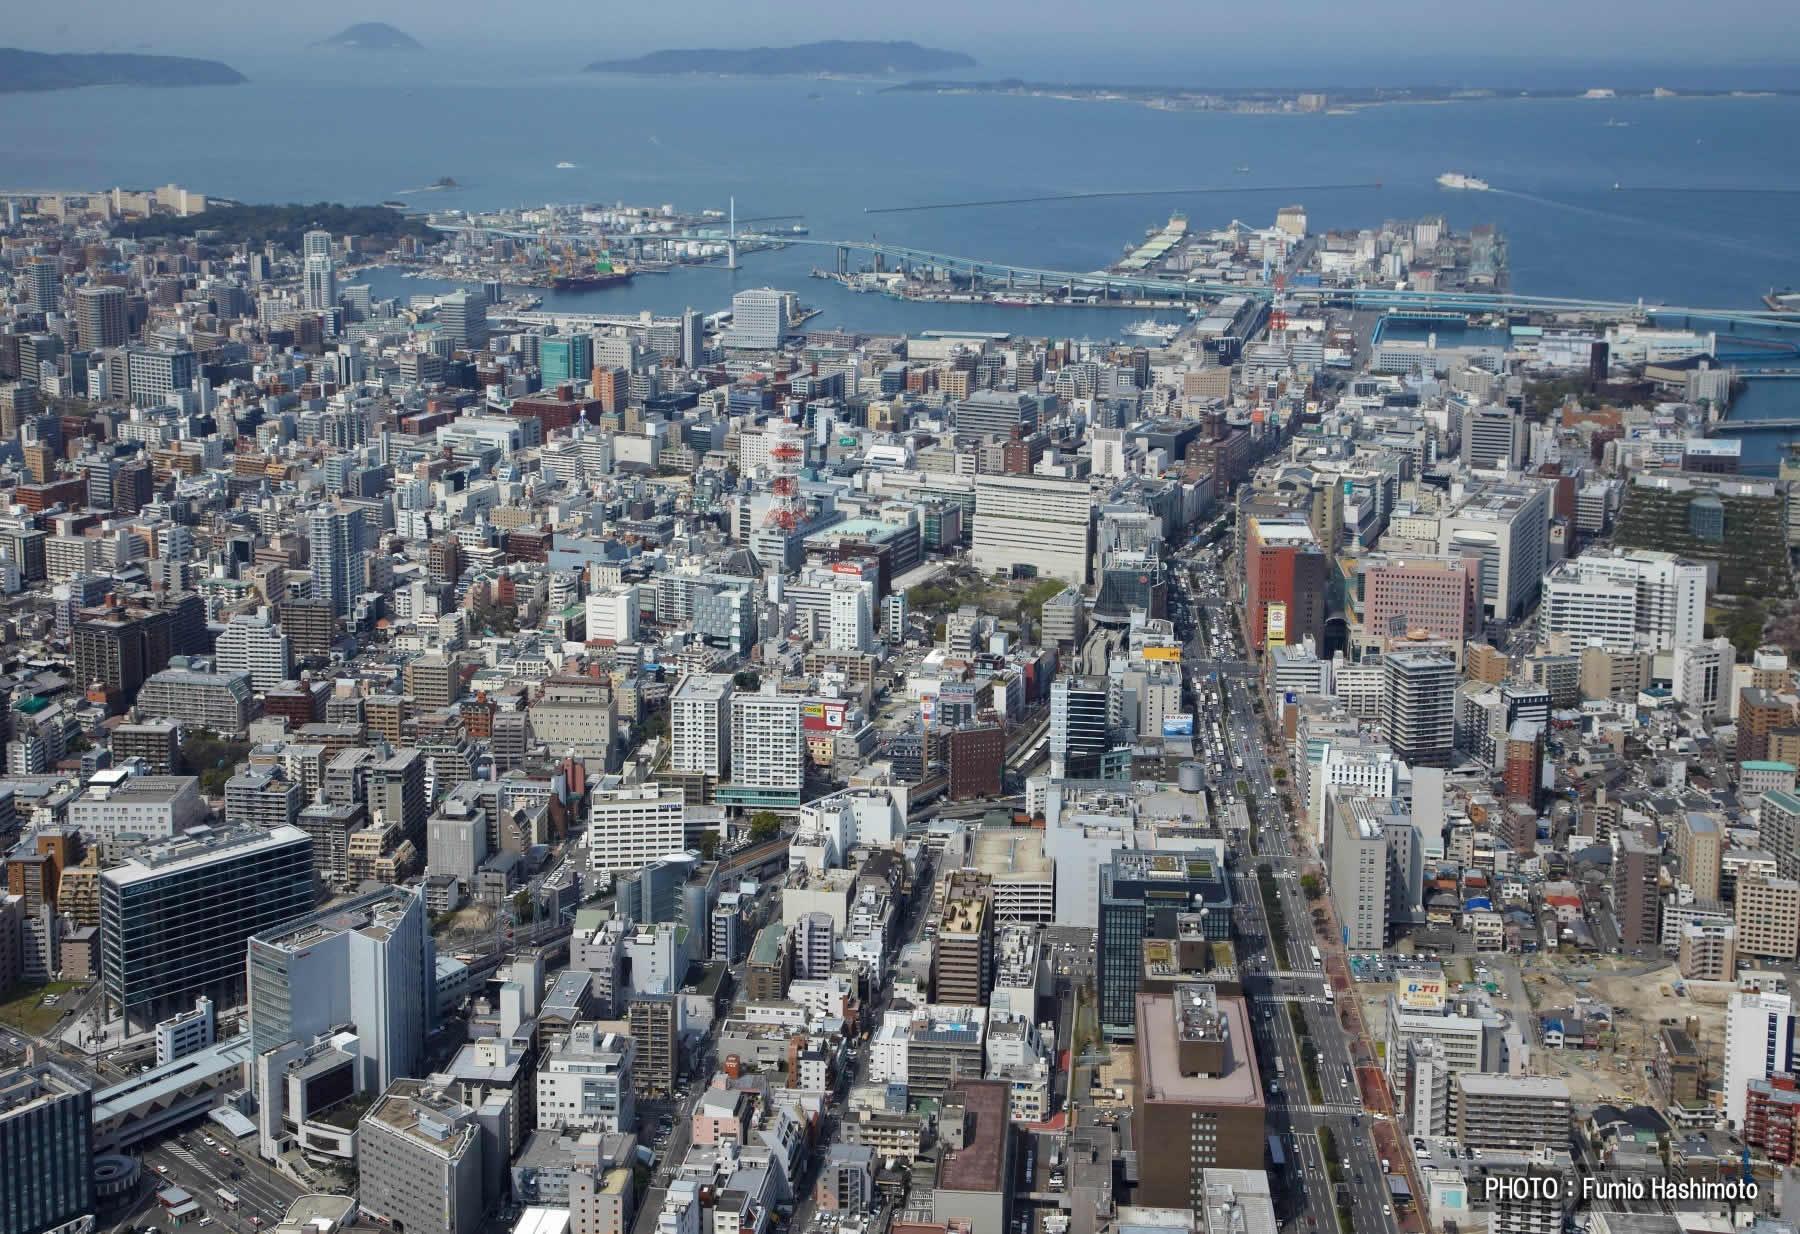 都心部の渡辺通り上空(2009)の画像